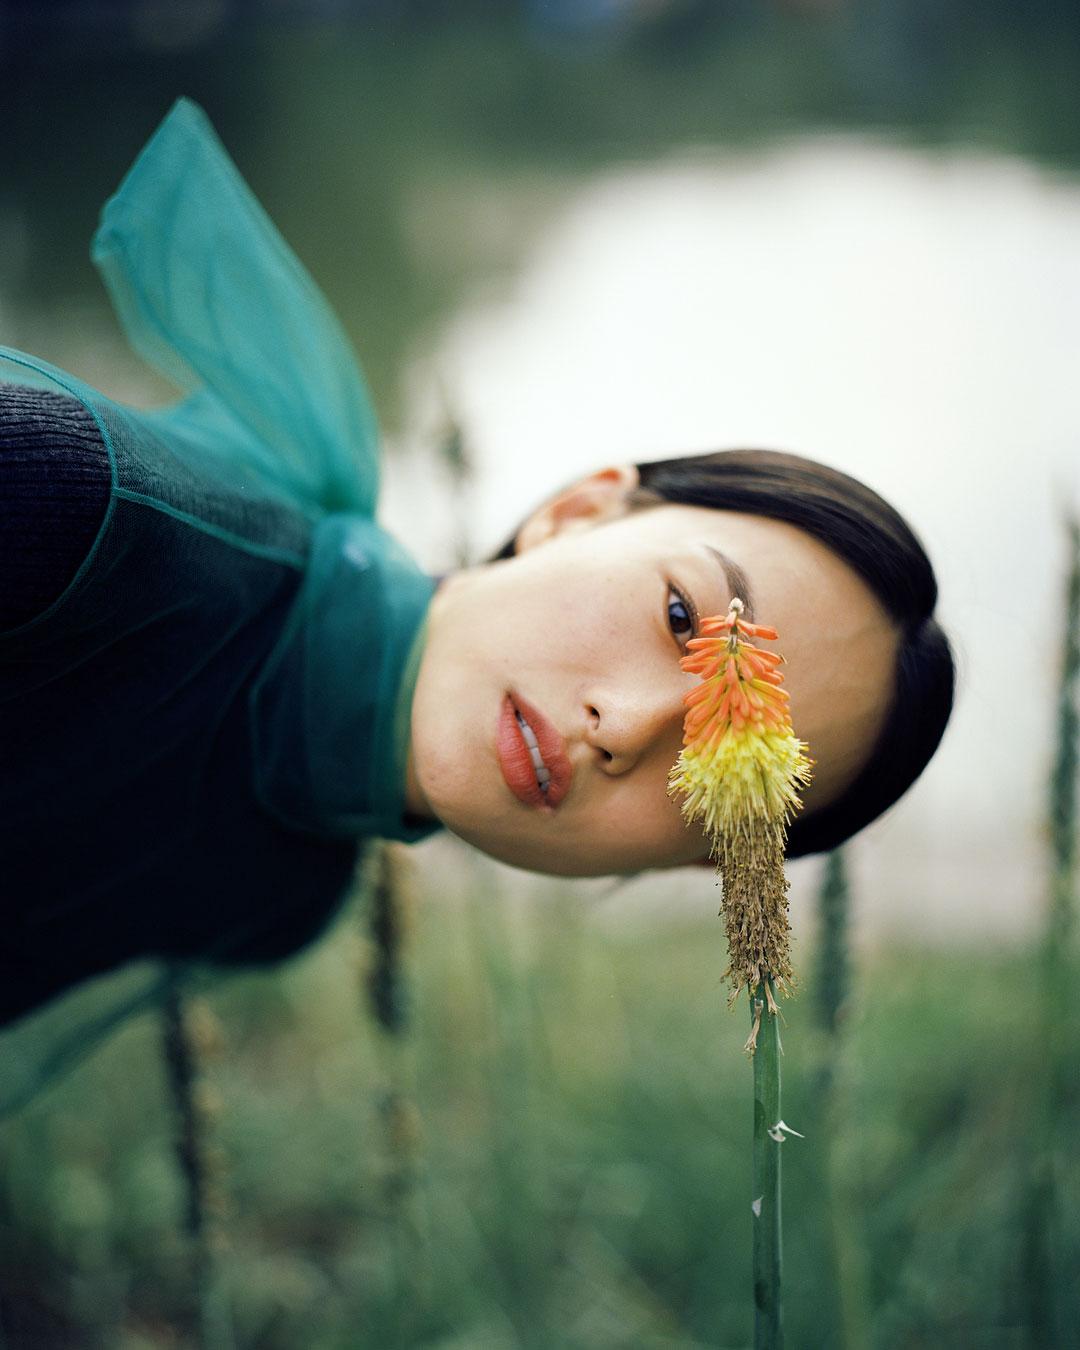 01_Zhang_JiaCheng_photography_GFY-1.jpg